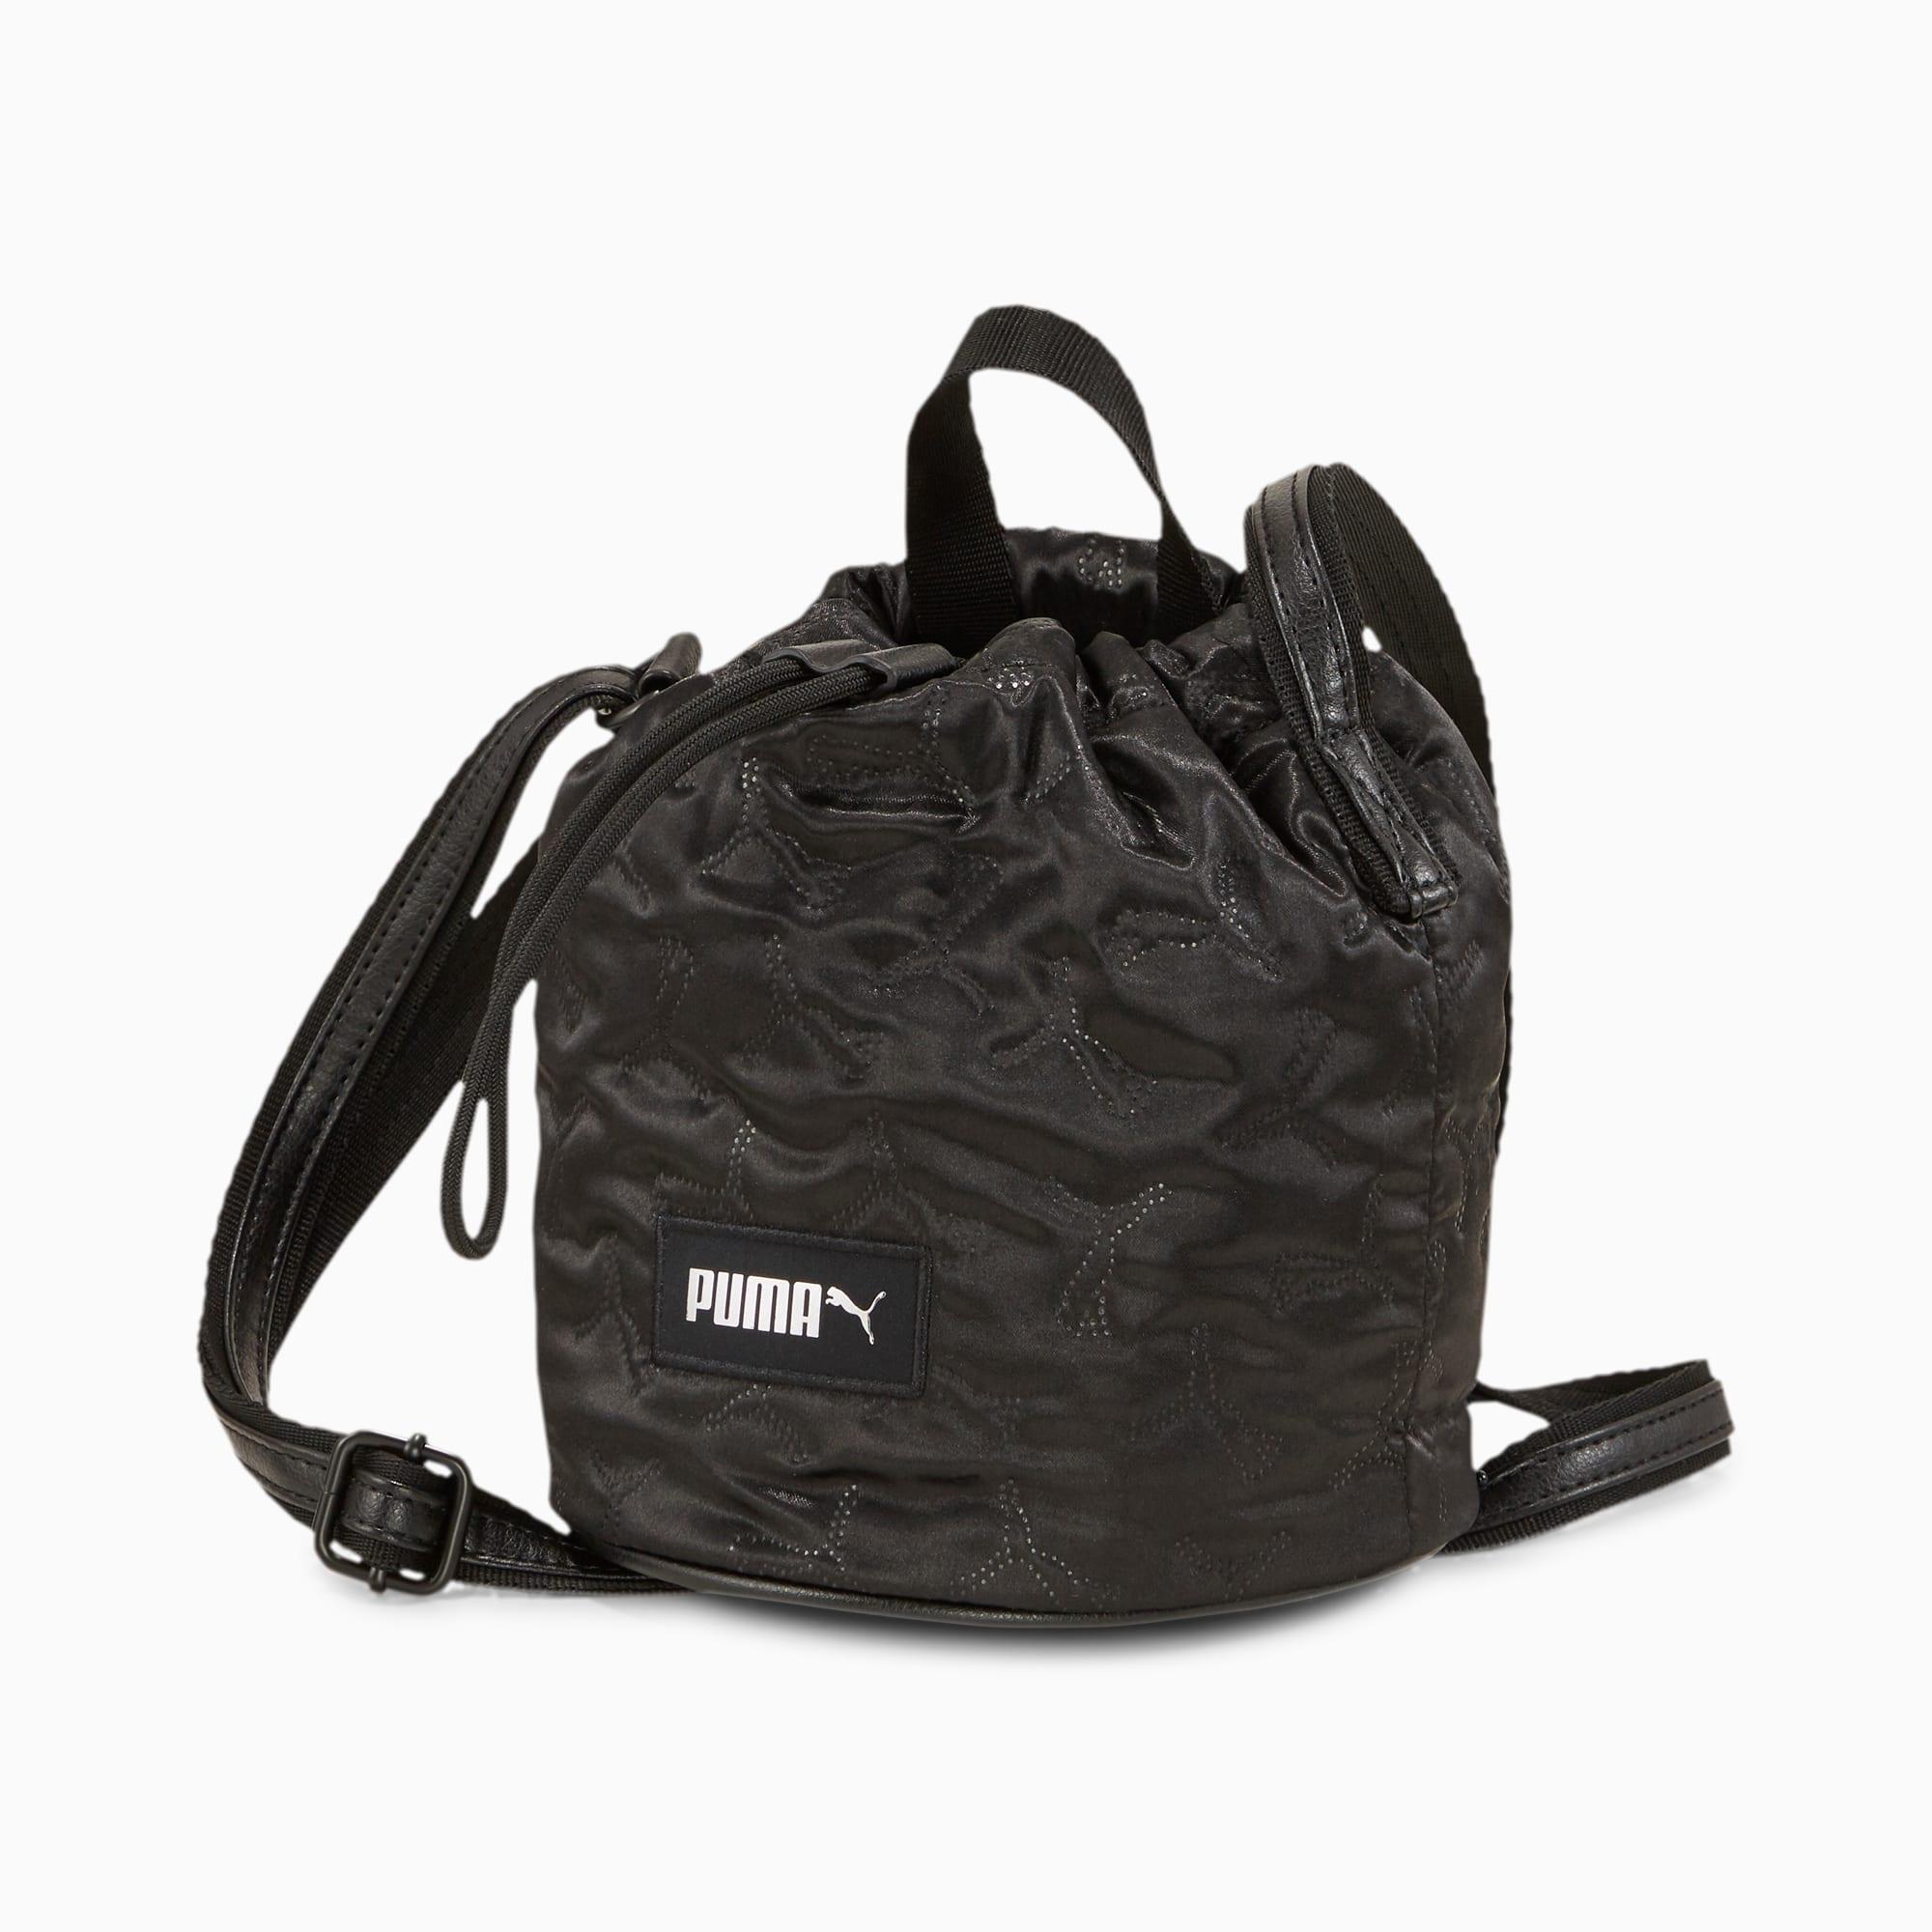 petit sac bucket classics pour femme, noir, accessoires